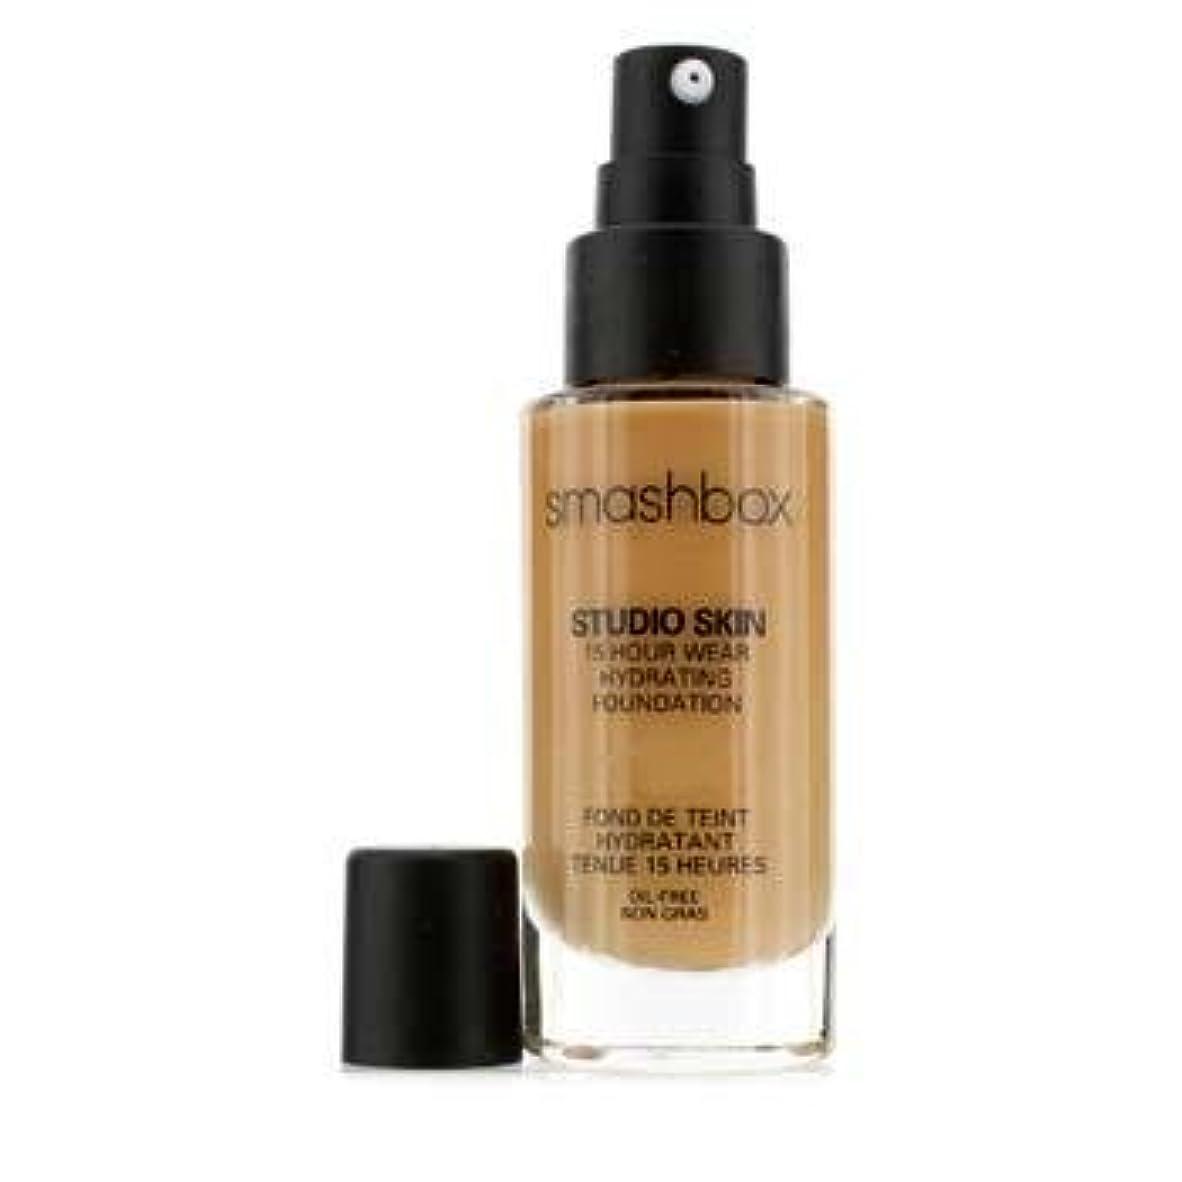 生まれマイルストーン承知しましたスマッシュボックス Studio Skin 15 Hour Wear Hydrating Foundation - # 3.2 Warm Medium Beige 30ml/1oz並行輸入品